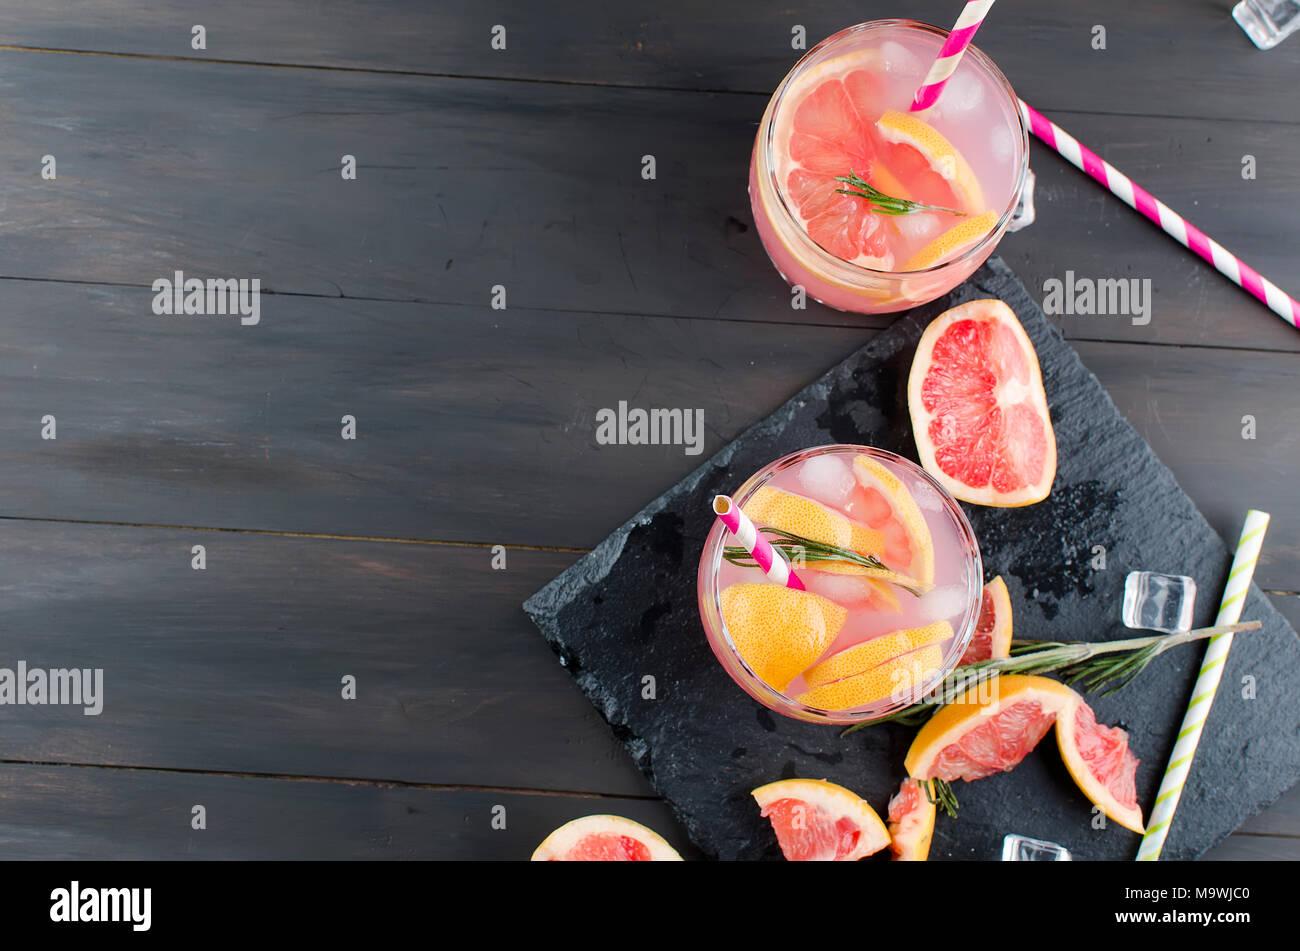 Cocktail avec de la glace et de tranches de pamplemousse, les ingrédients pour un verre sur la table en bois sombre, copy space Photo Stock